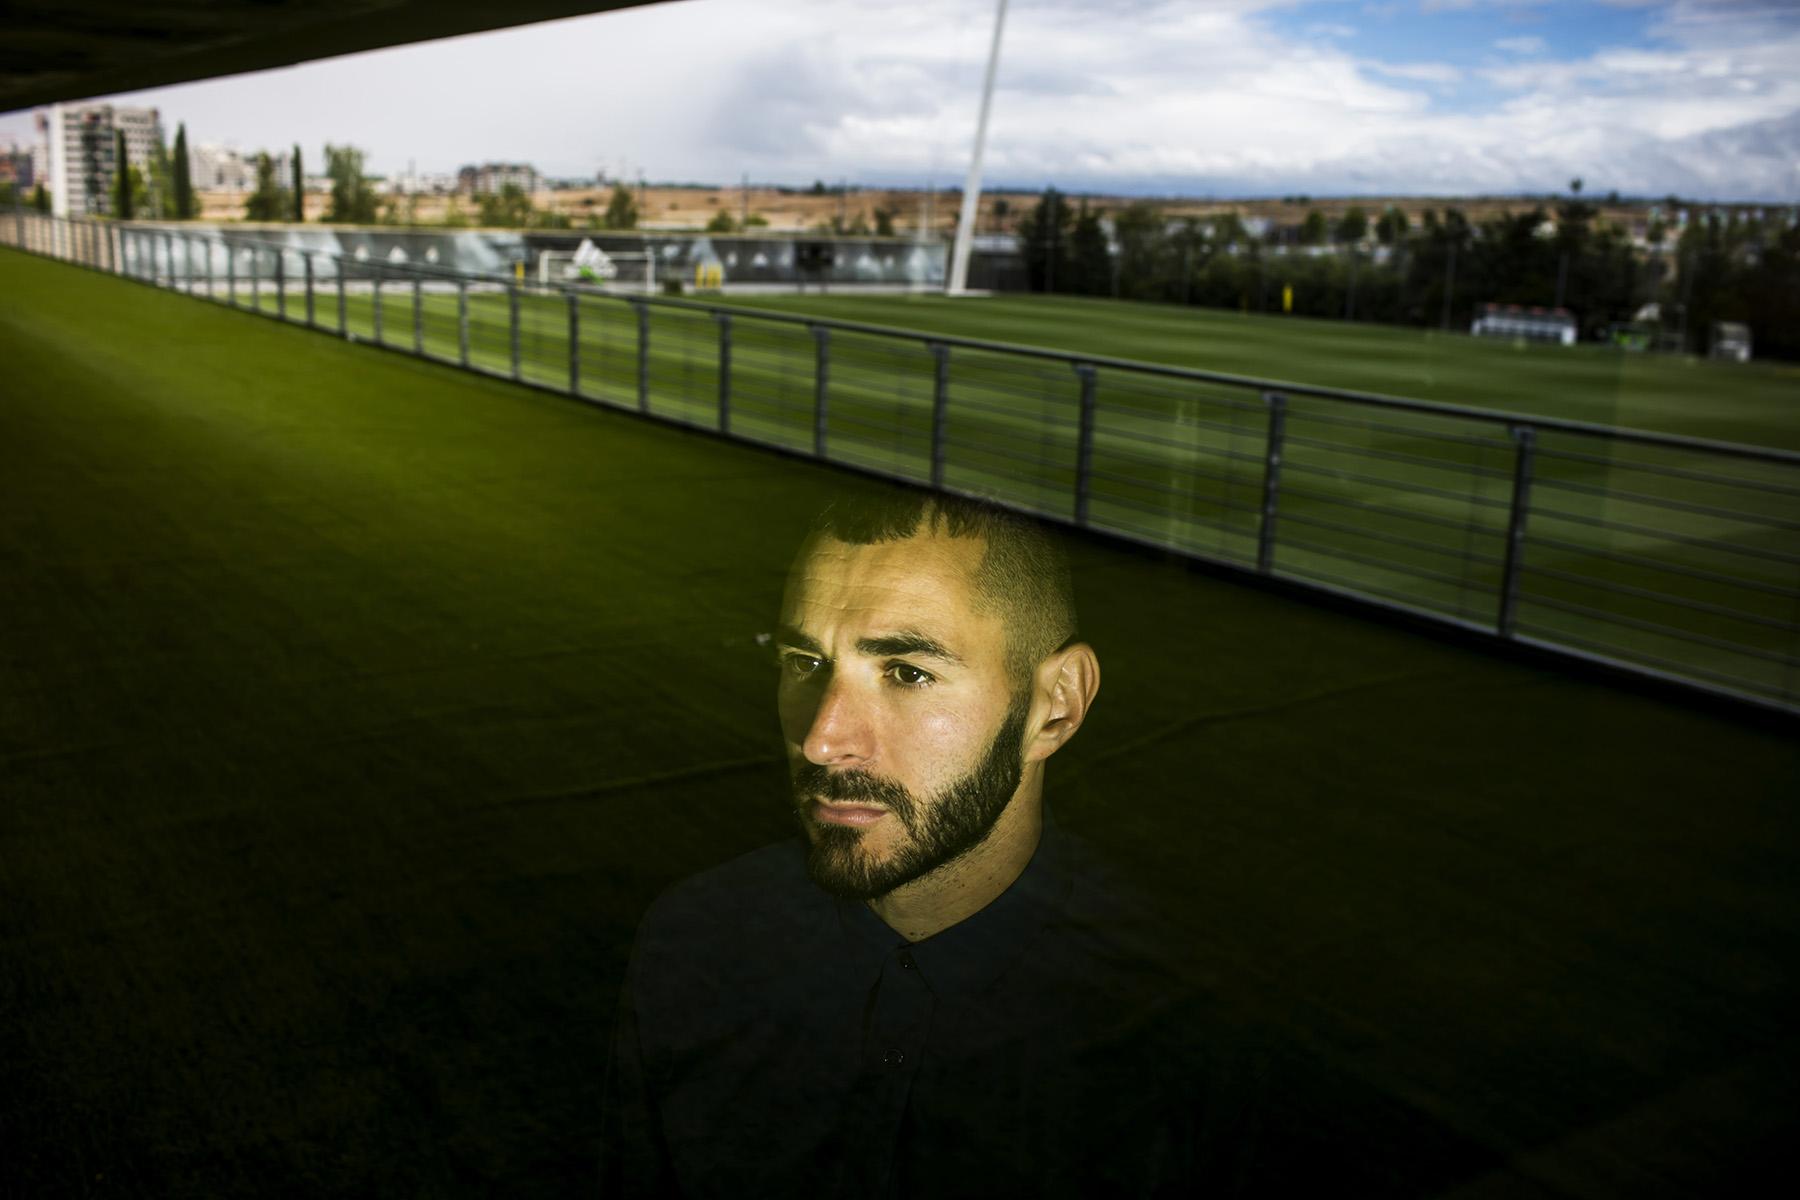 Entrevista a Karim Benzema, Jugador del Real Madrid© Alberto R. Roldan / Diario La Razon12 05 2017